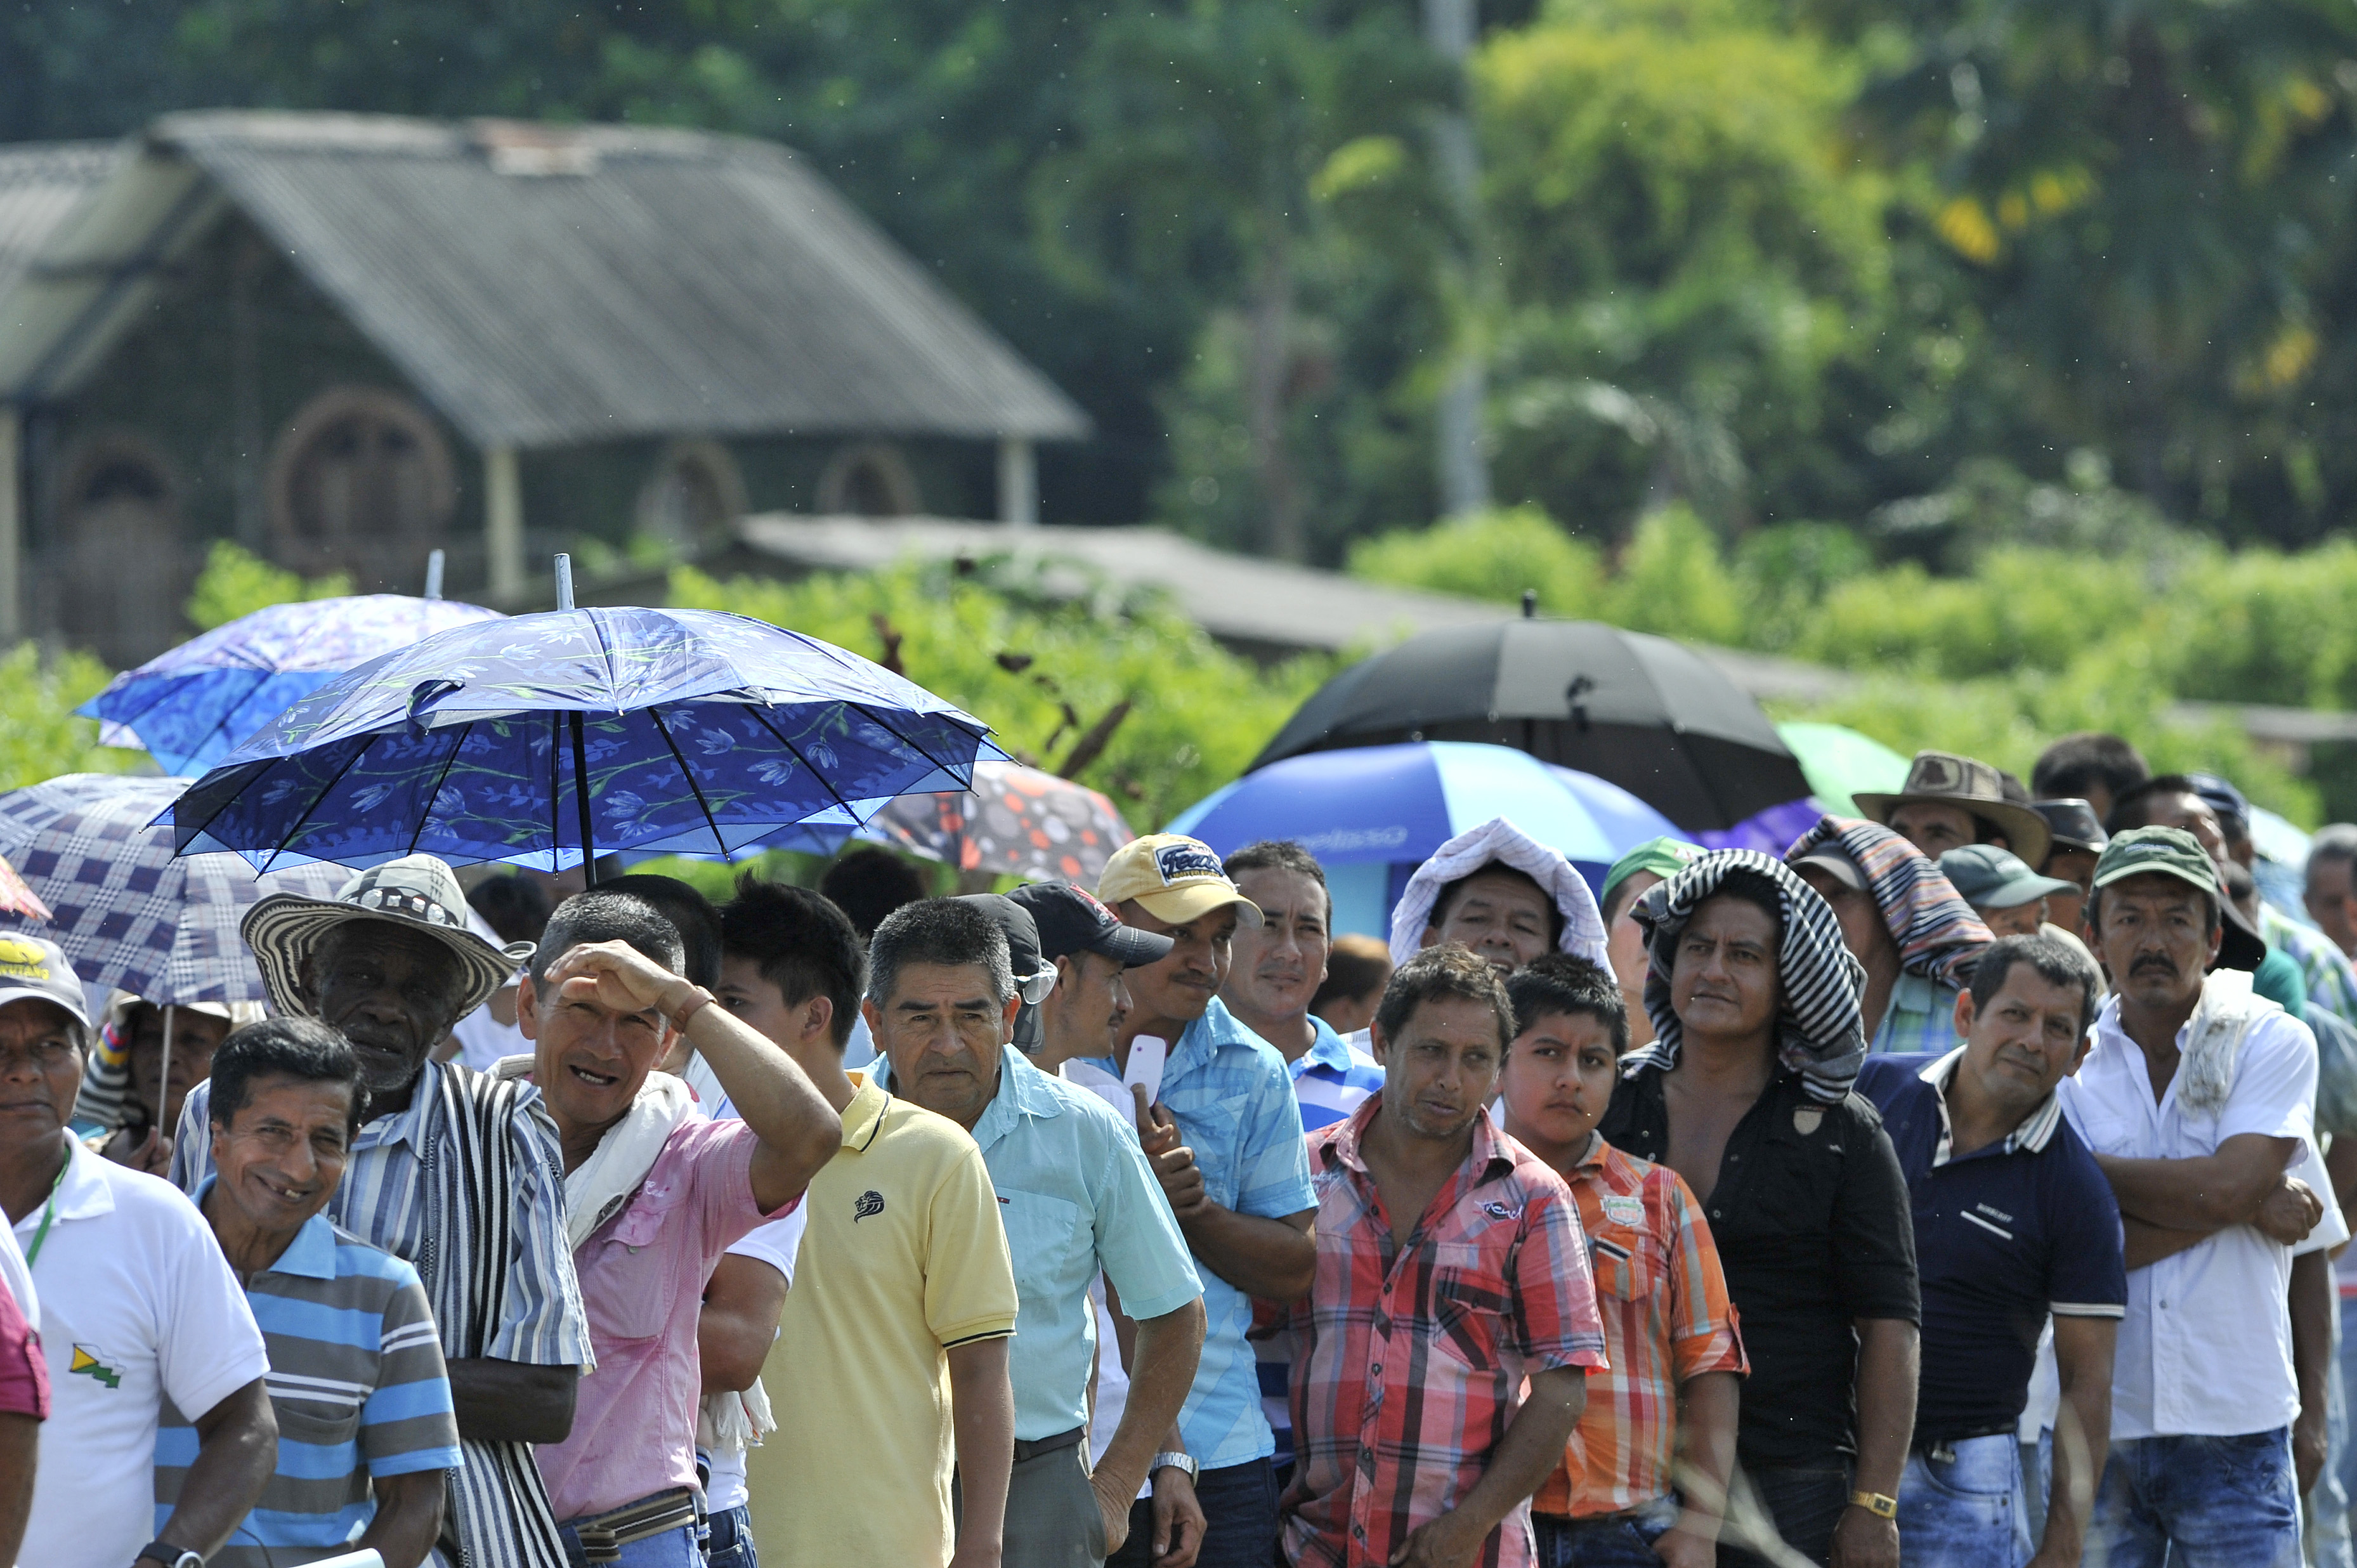 كولومبيون ينتظرون رئيس بلادهم